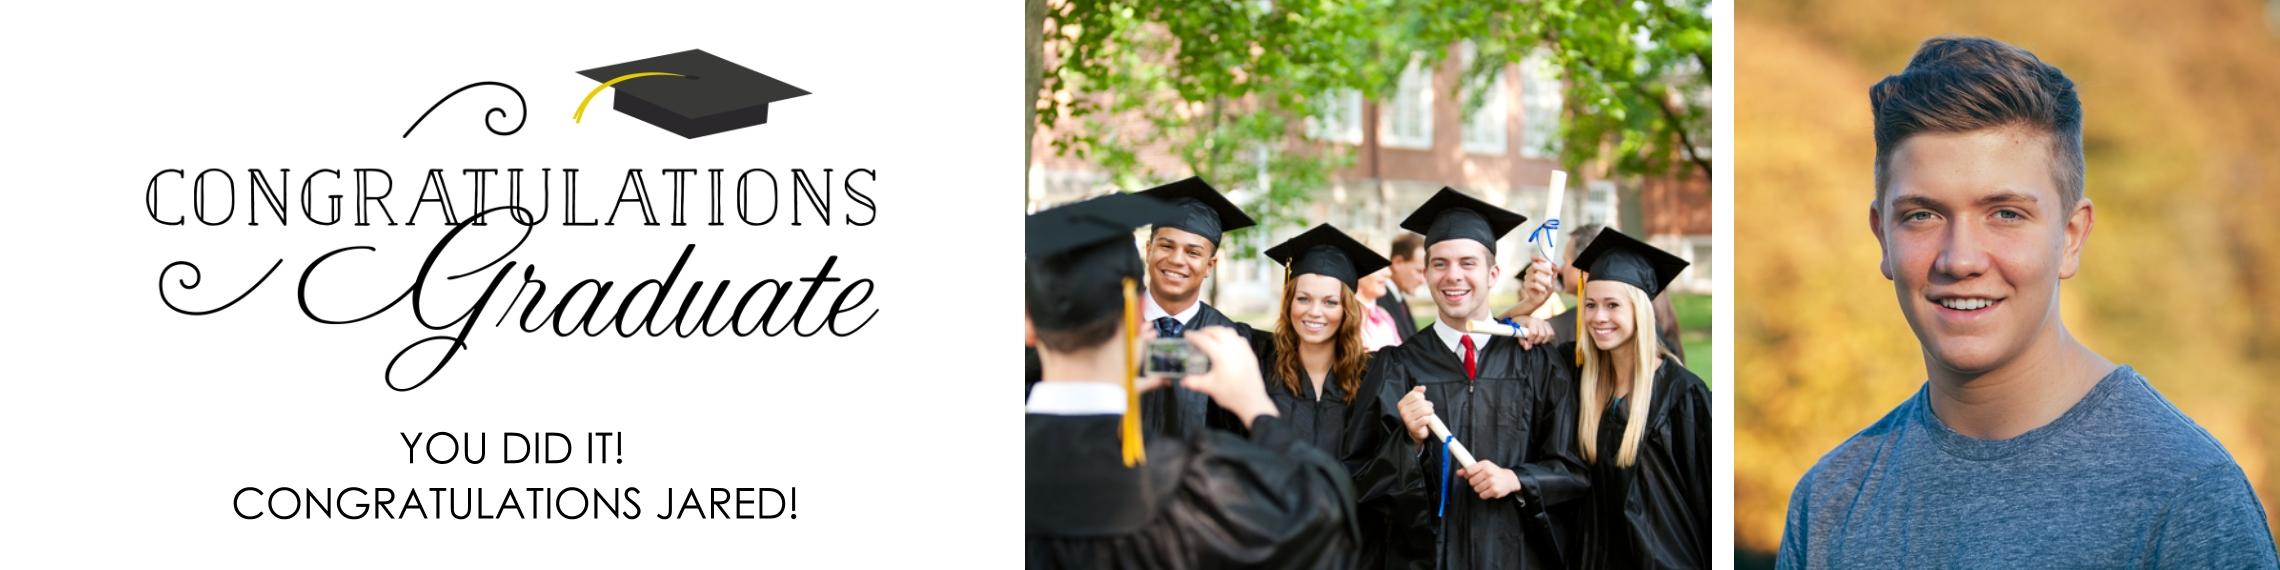 Graduation Photo Banner 2x8, Home Décor -Classic Graduate